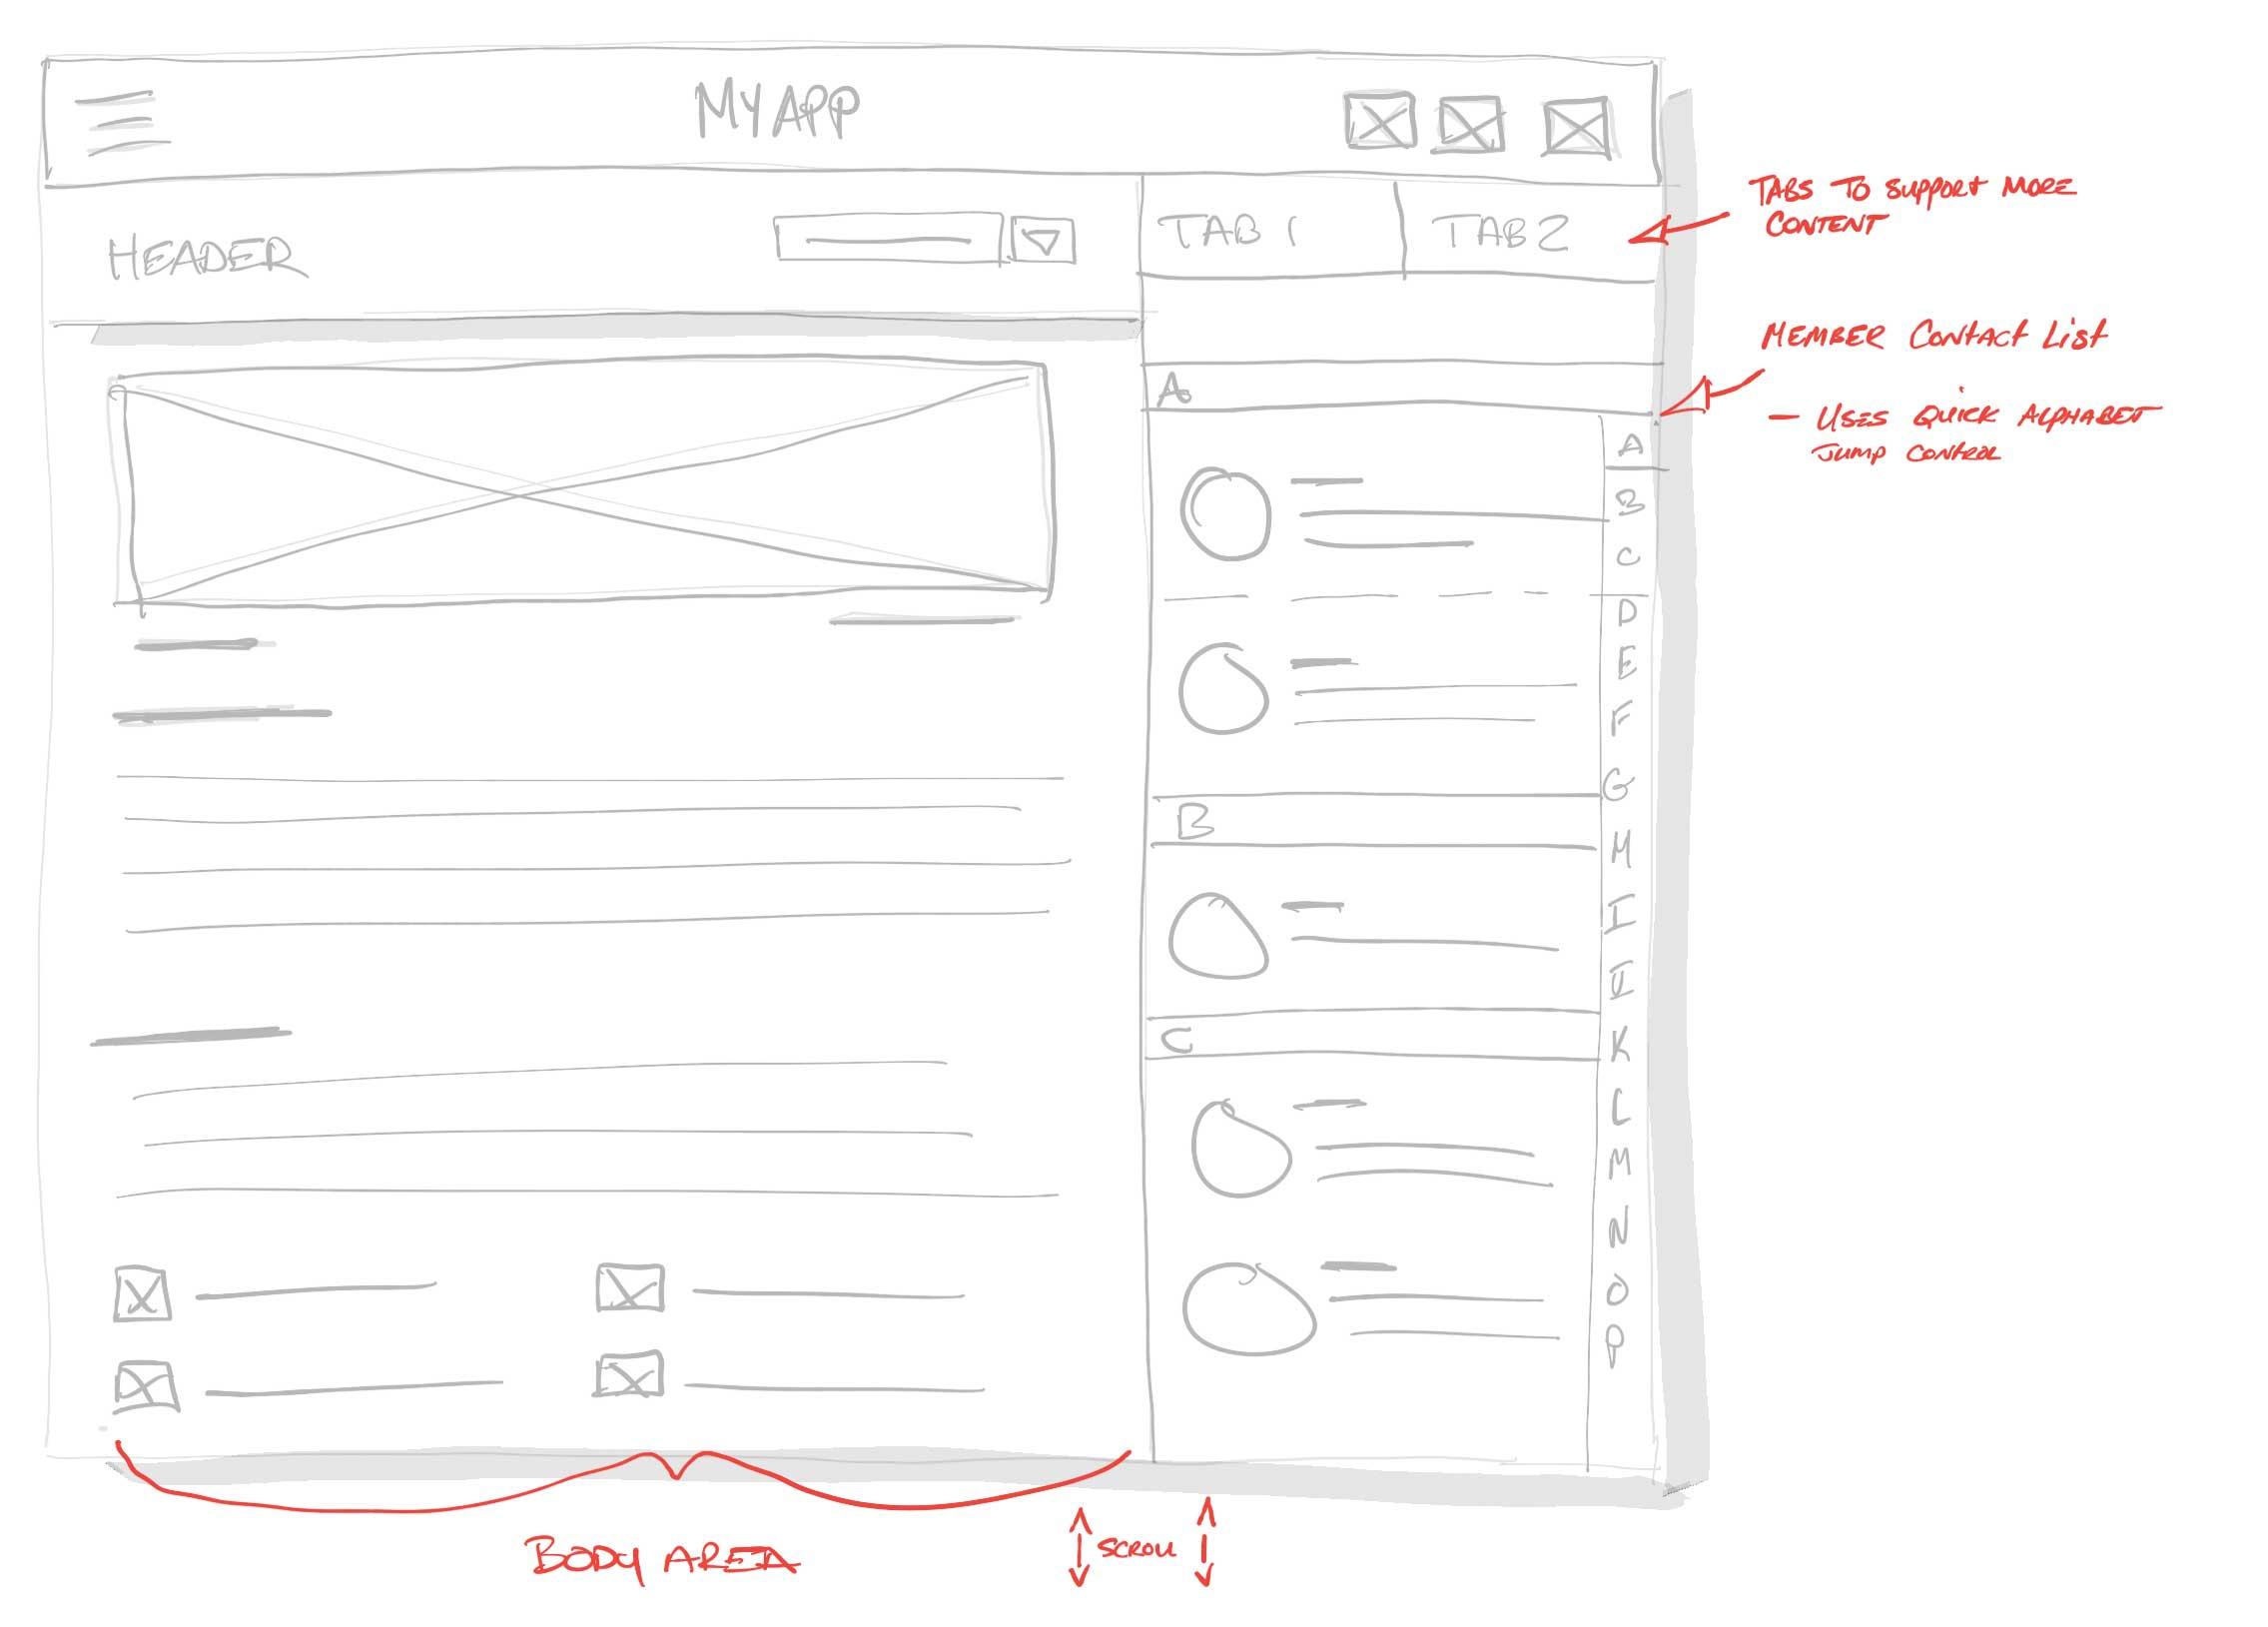 connectd-memberdirectory-sketch1.jpg